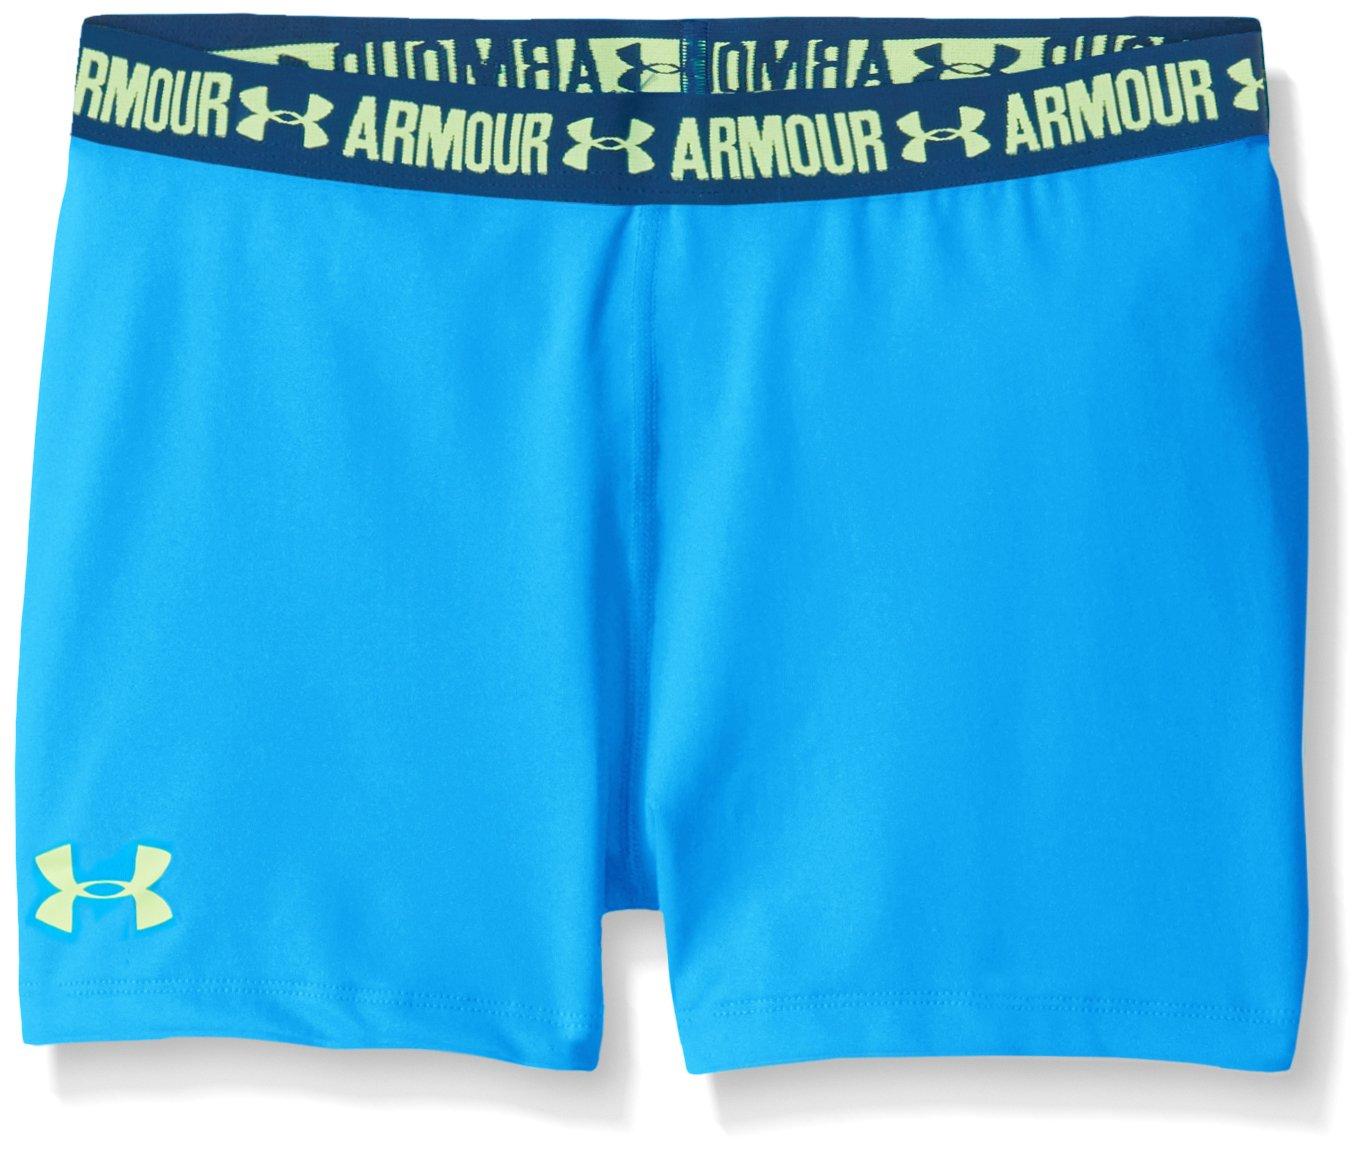 Under Armour Girls' HeatGear Armour 3 Shorty Under Armour Apparel 1271025